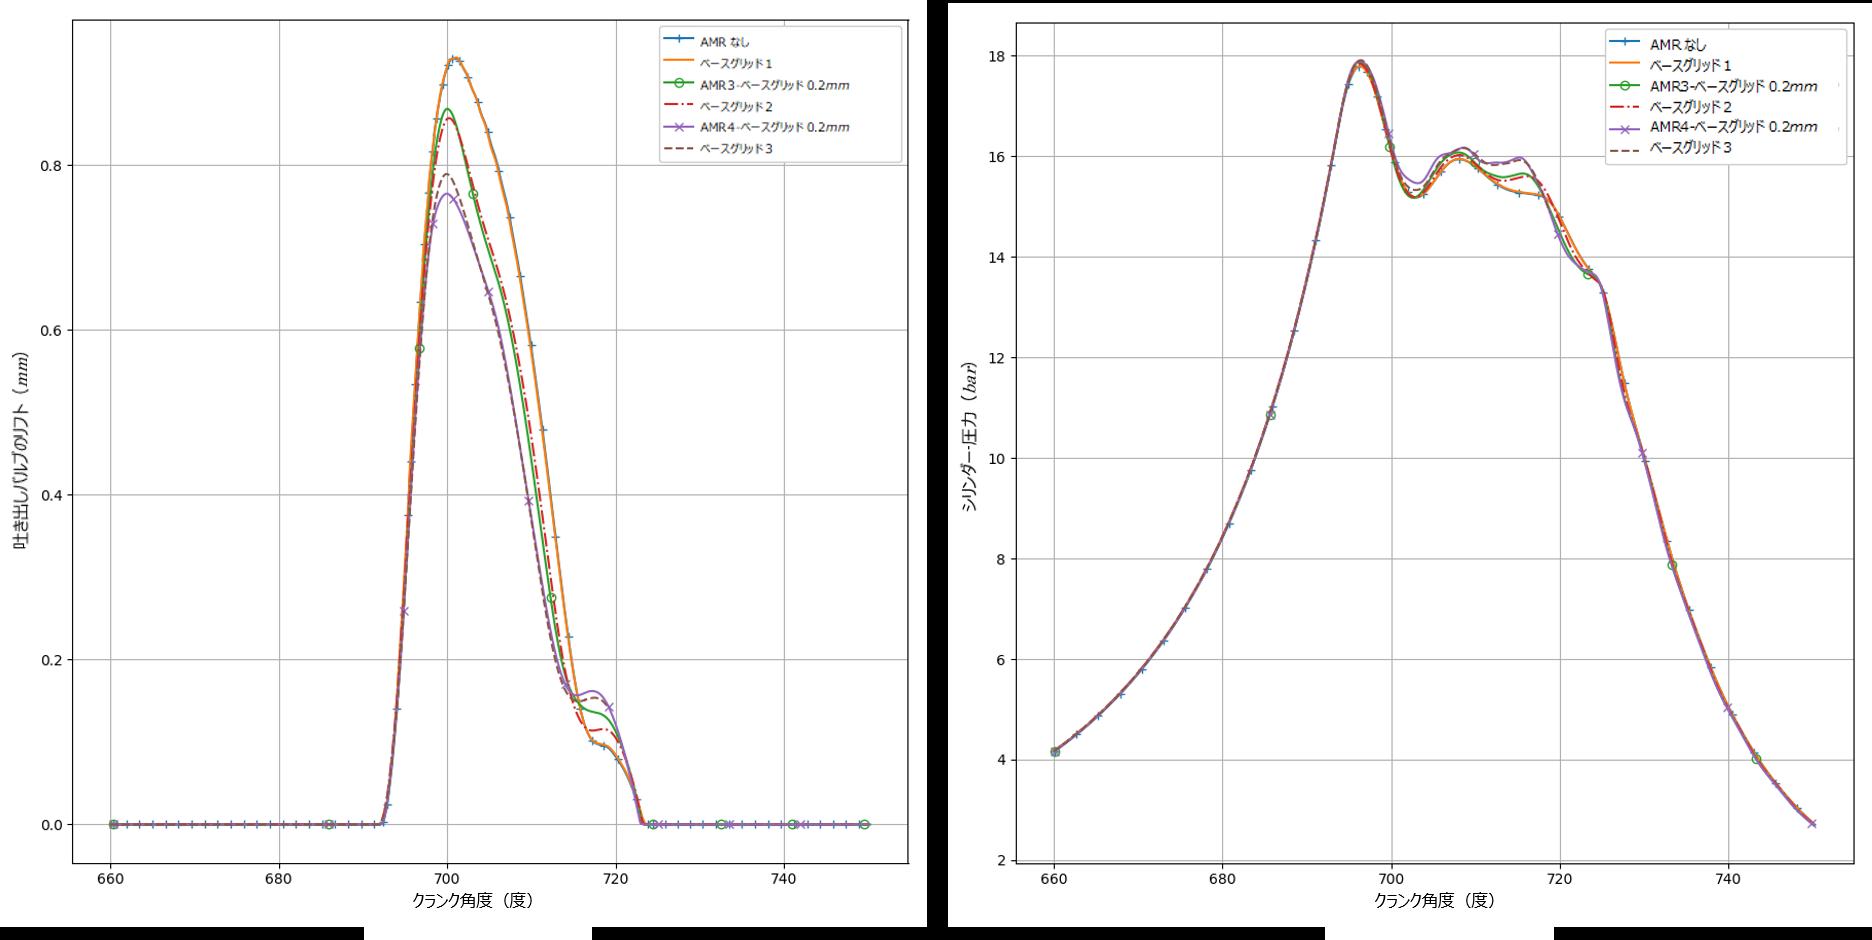 図1・2:細分化されたベースグリッドと増加したAMR埋め込みスケールの間で比較された吐出バルブリフトとシリンダー圧力